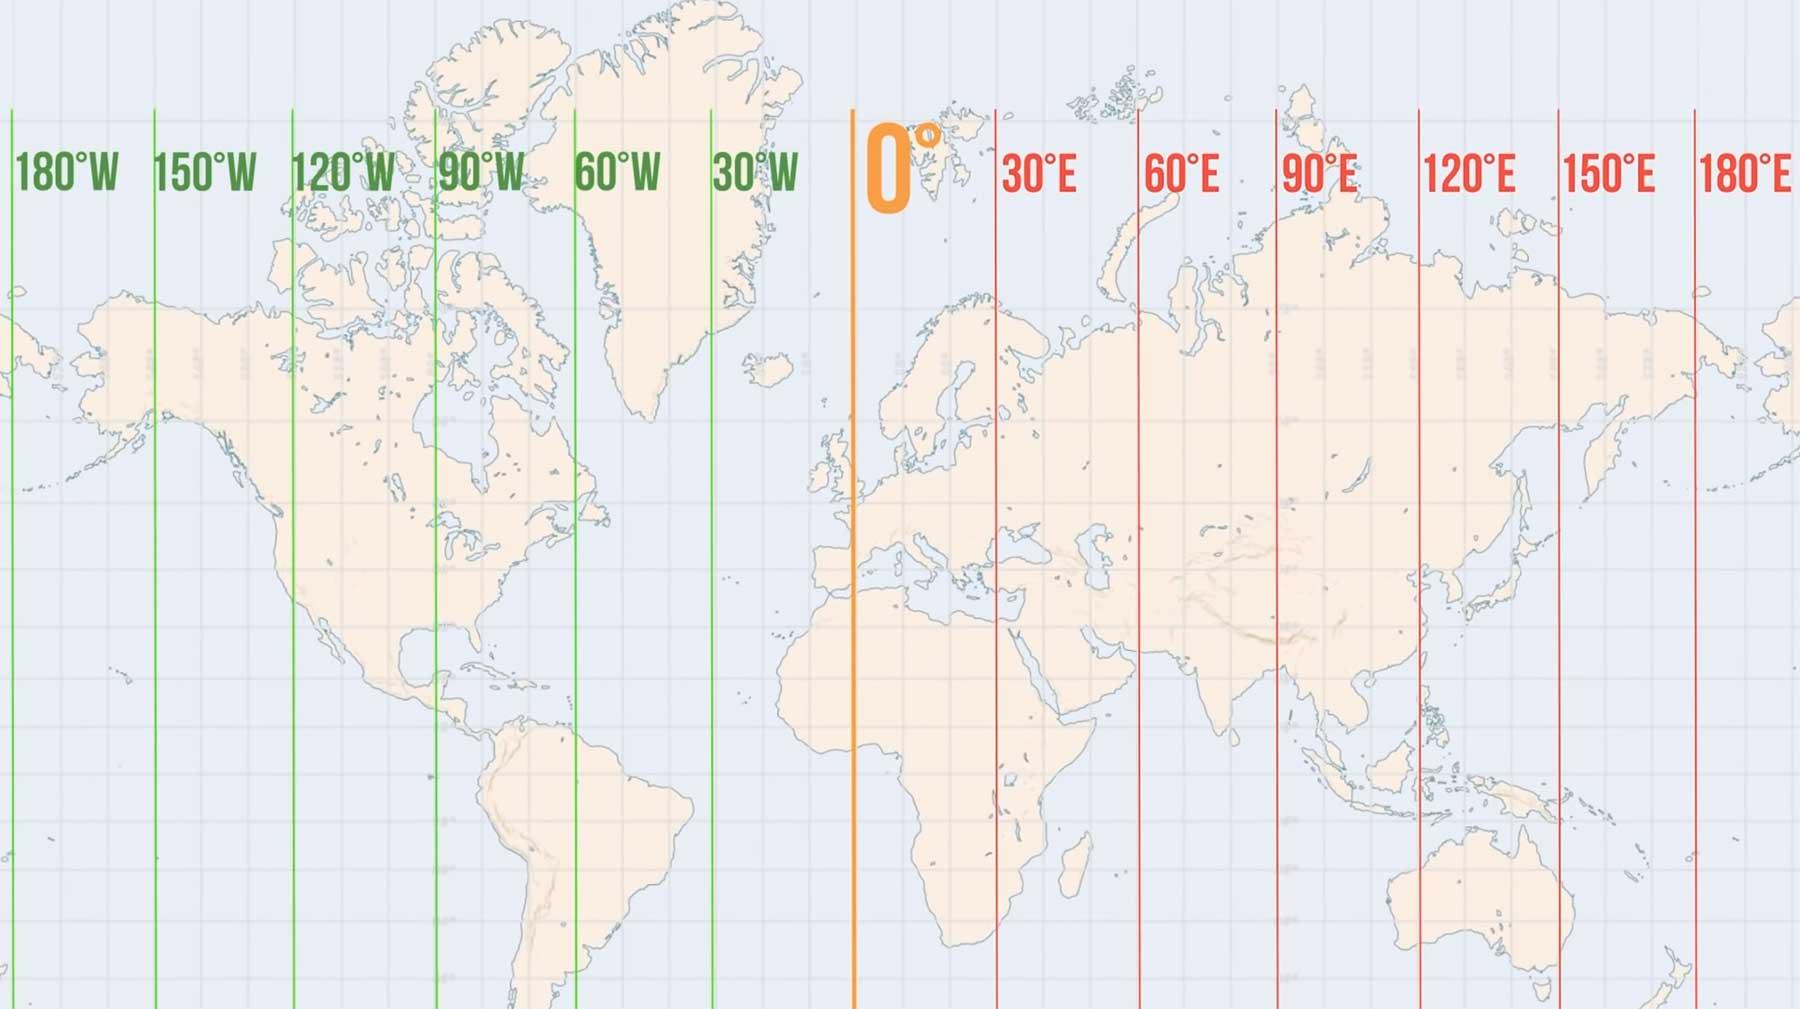 Wieso ist England eigentlich Mittelpunkt der Weltkarte?